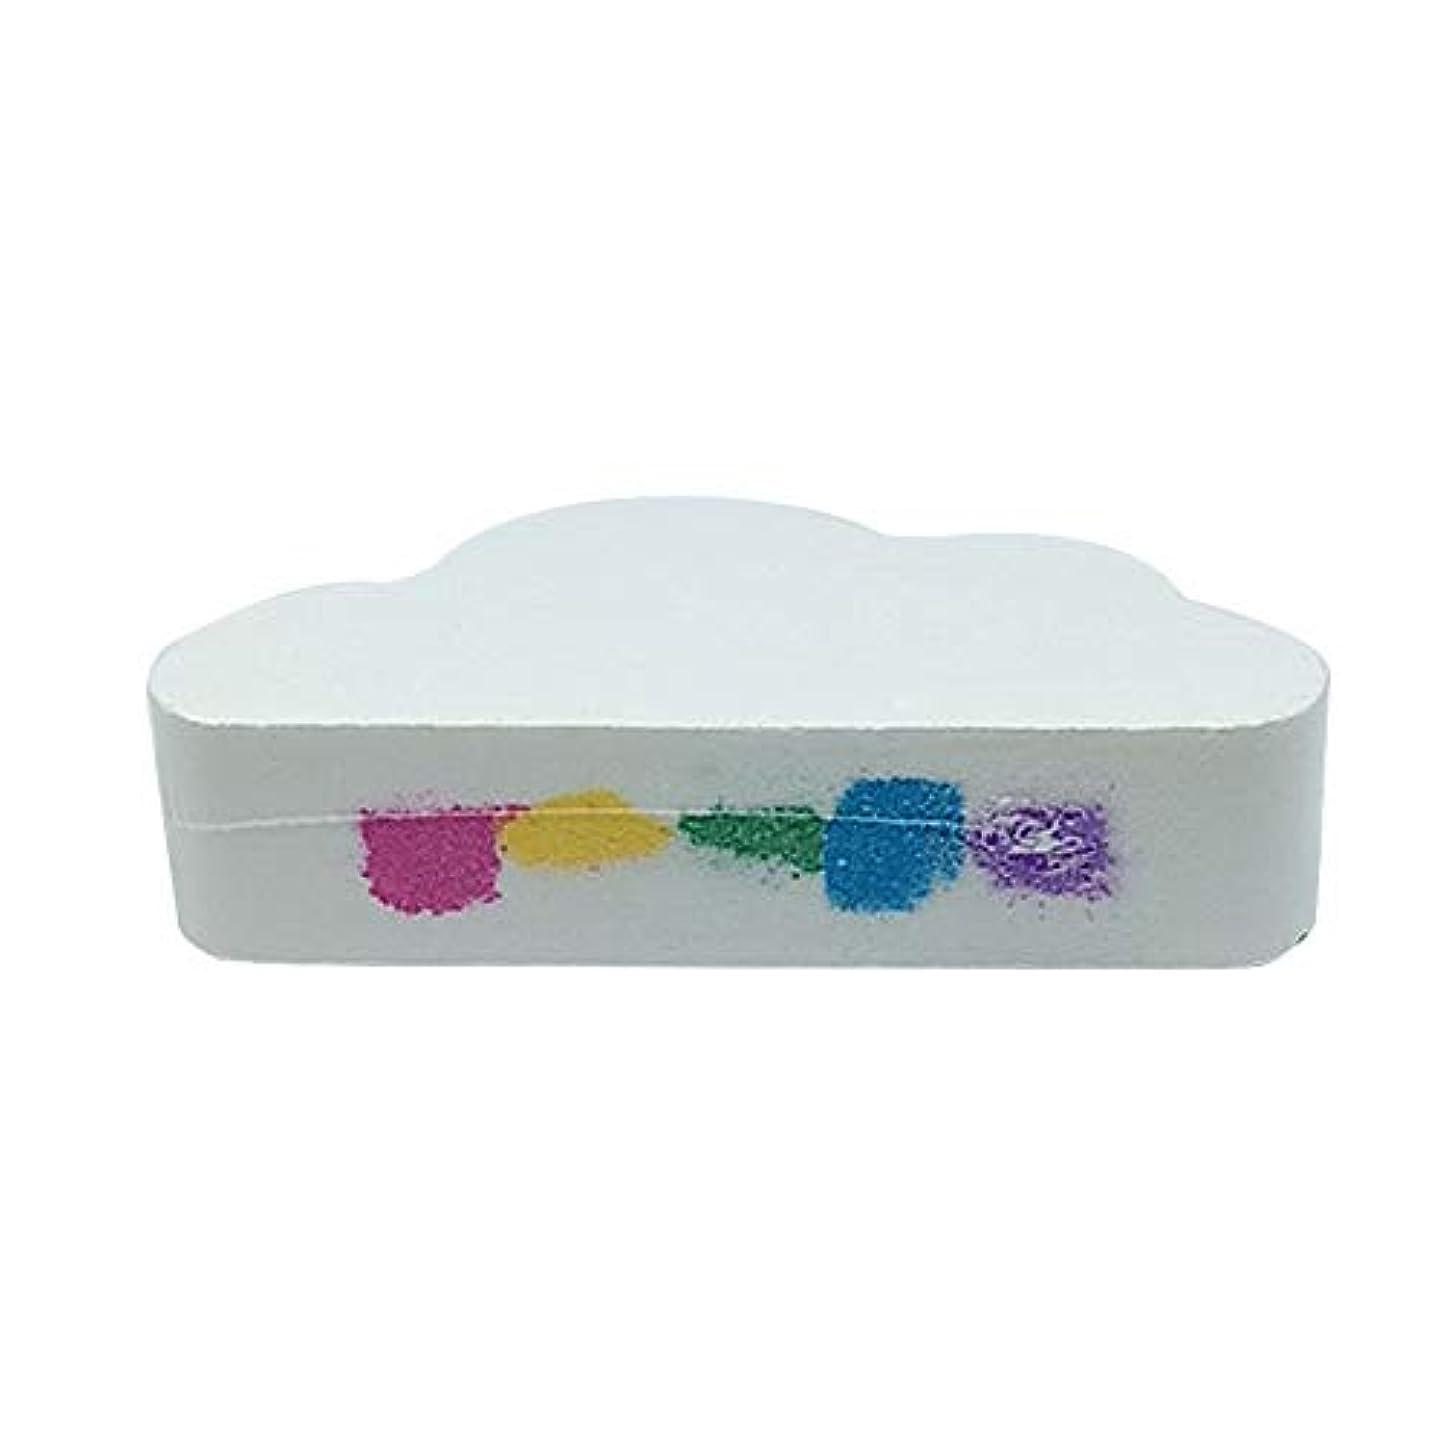 パブペチコート先生レインボー入浴剤 バス用 お風呂塩 保湿バブルボール 温泉 入浴剤 スキンケア プレゼント